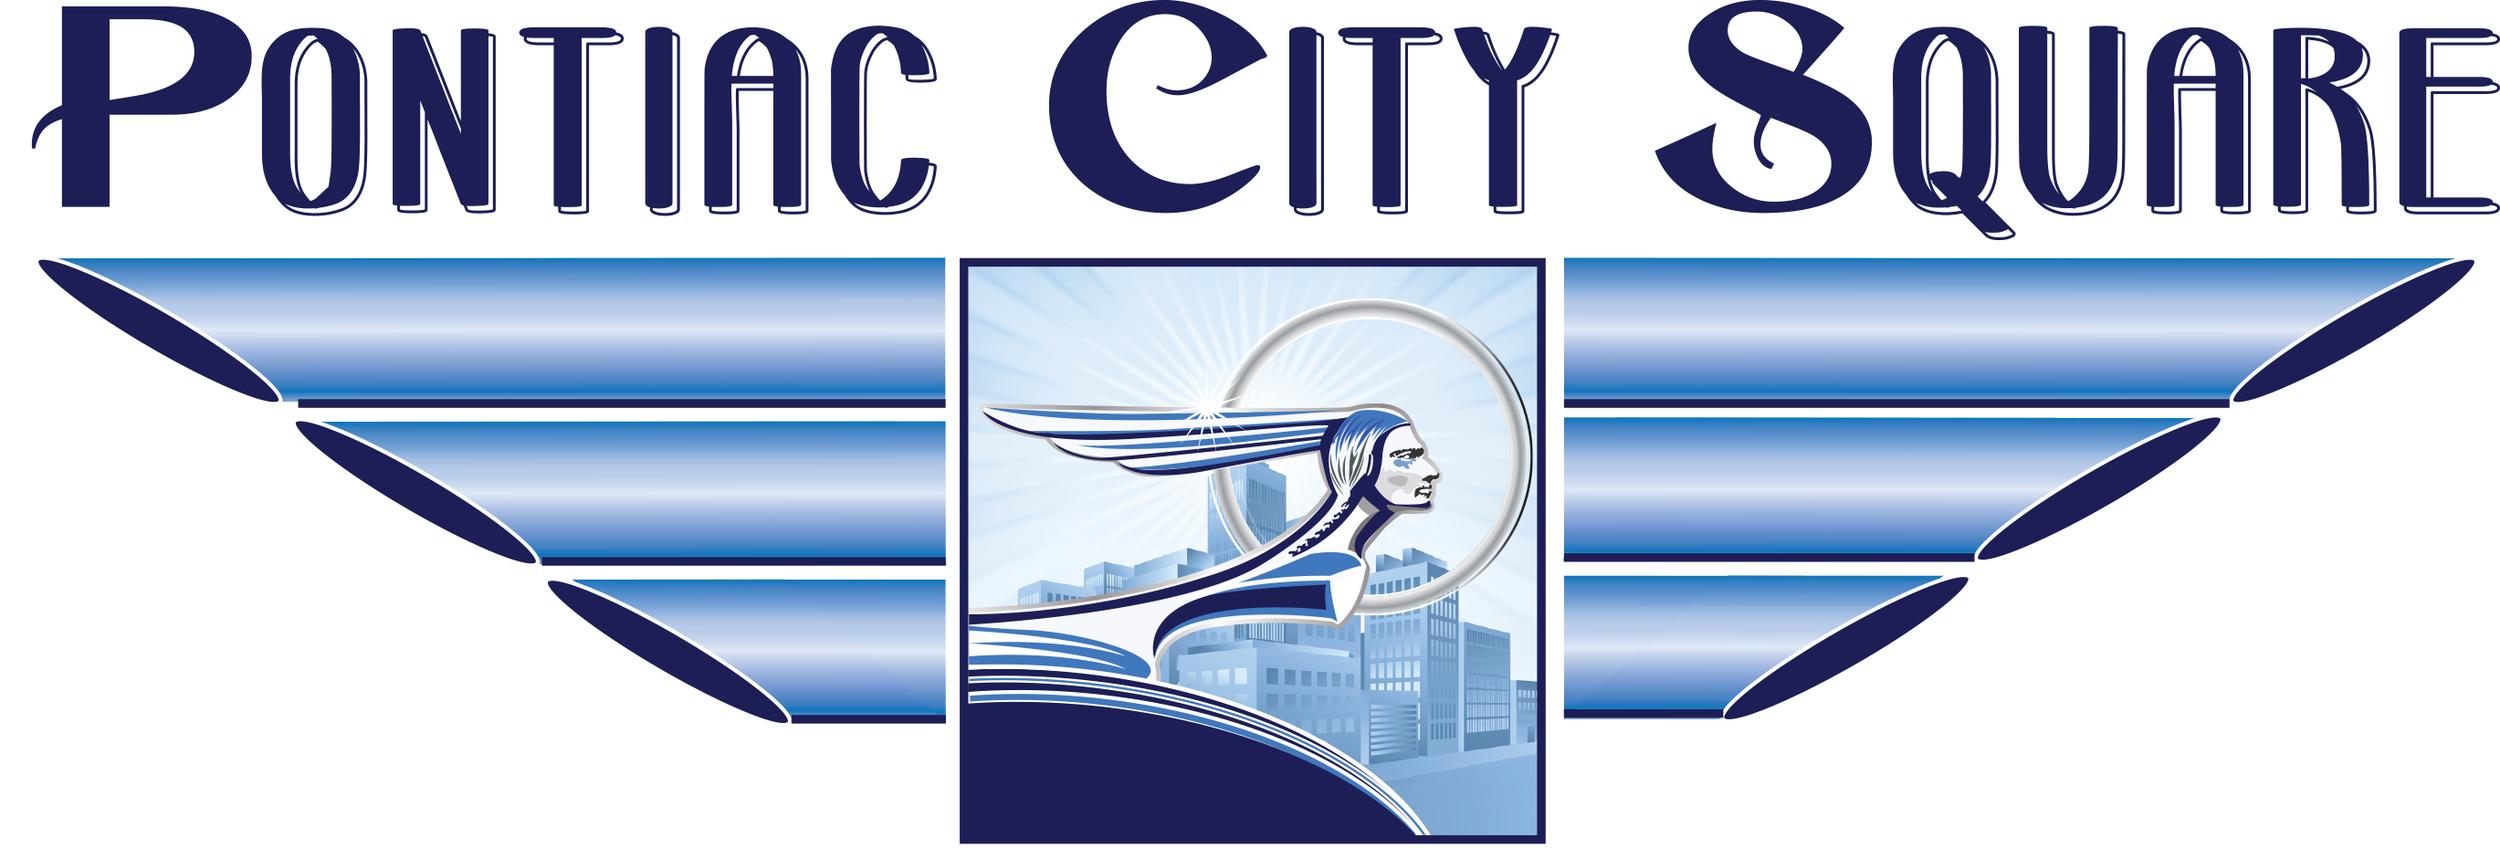 Pontiac City Square Logo.jpg